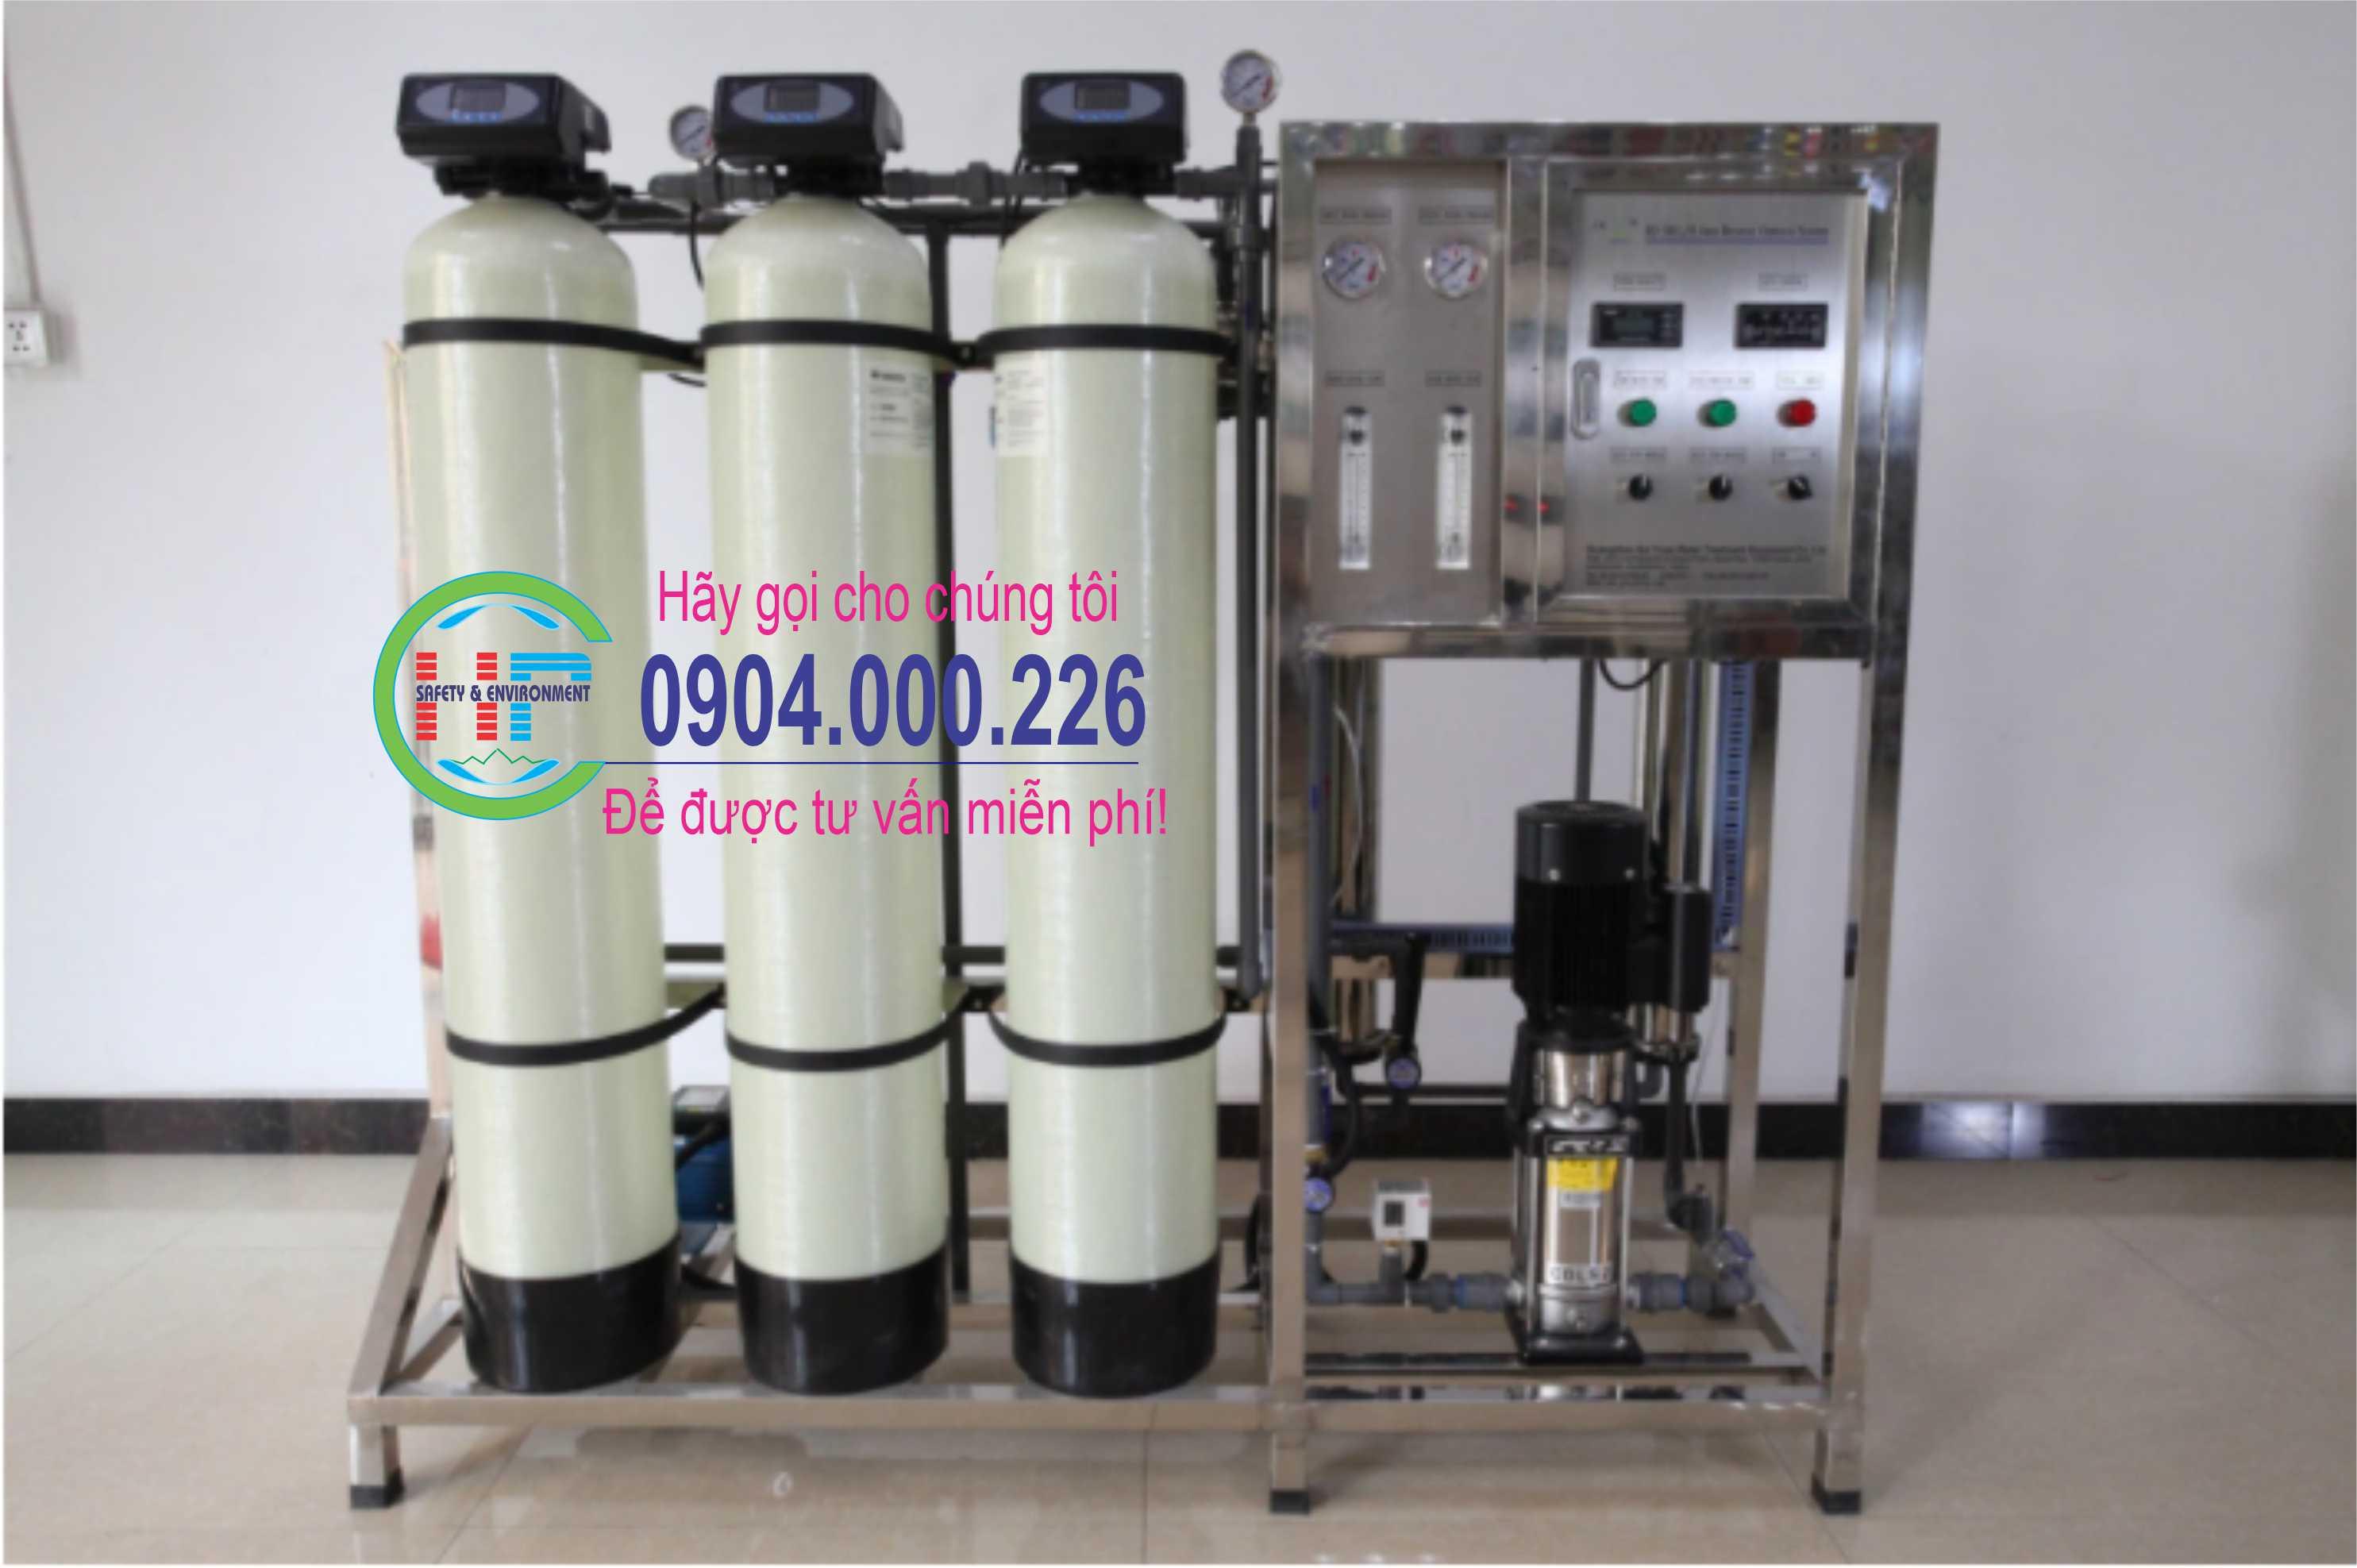 Hệ thống lọc nước RO 500 lít/giờ